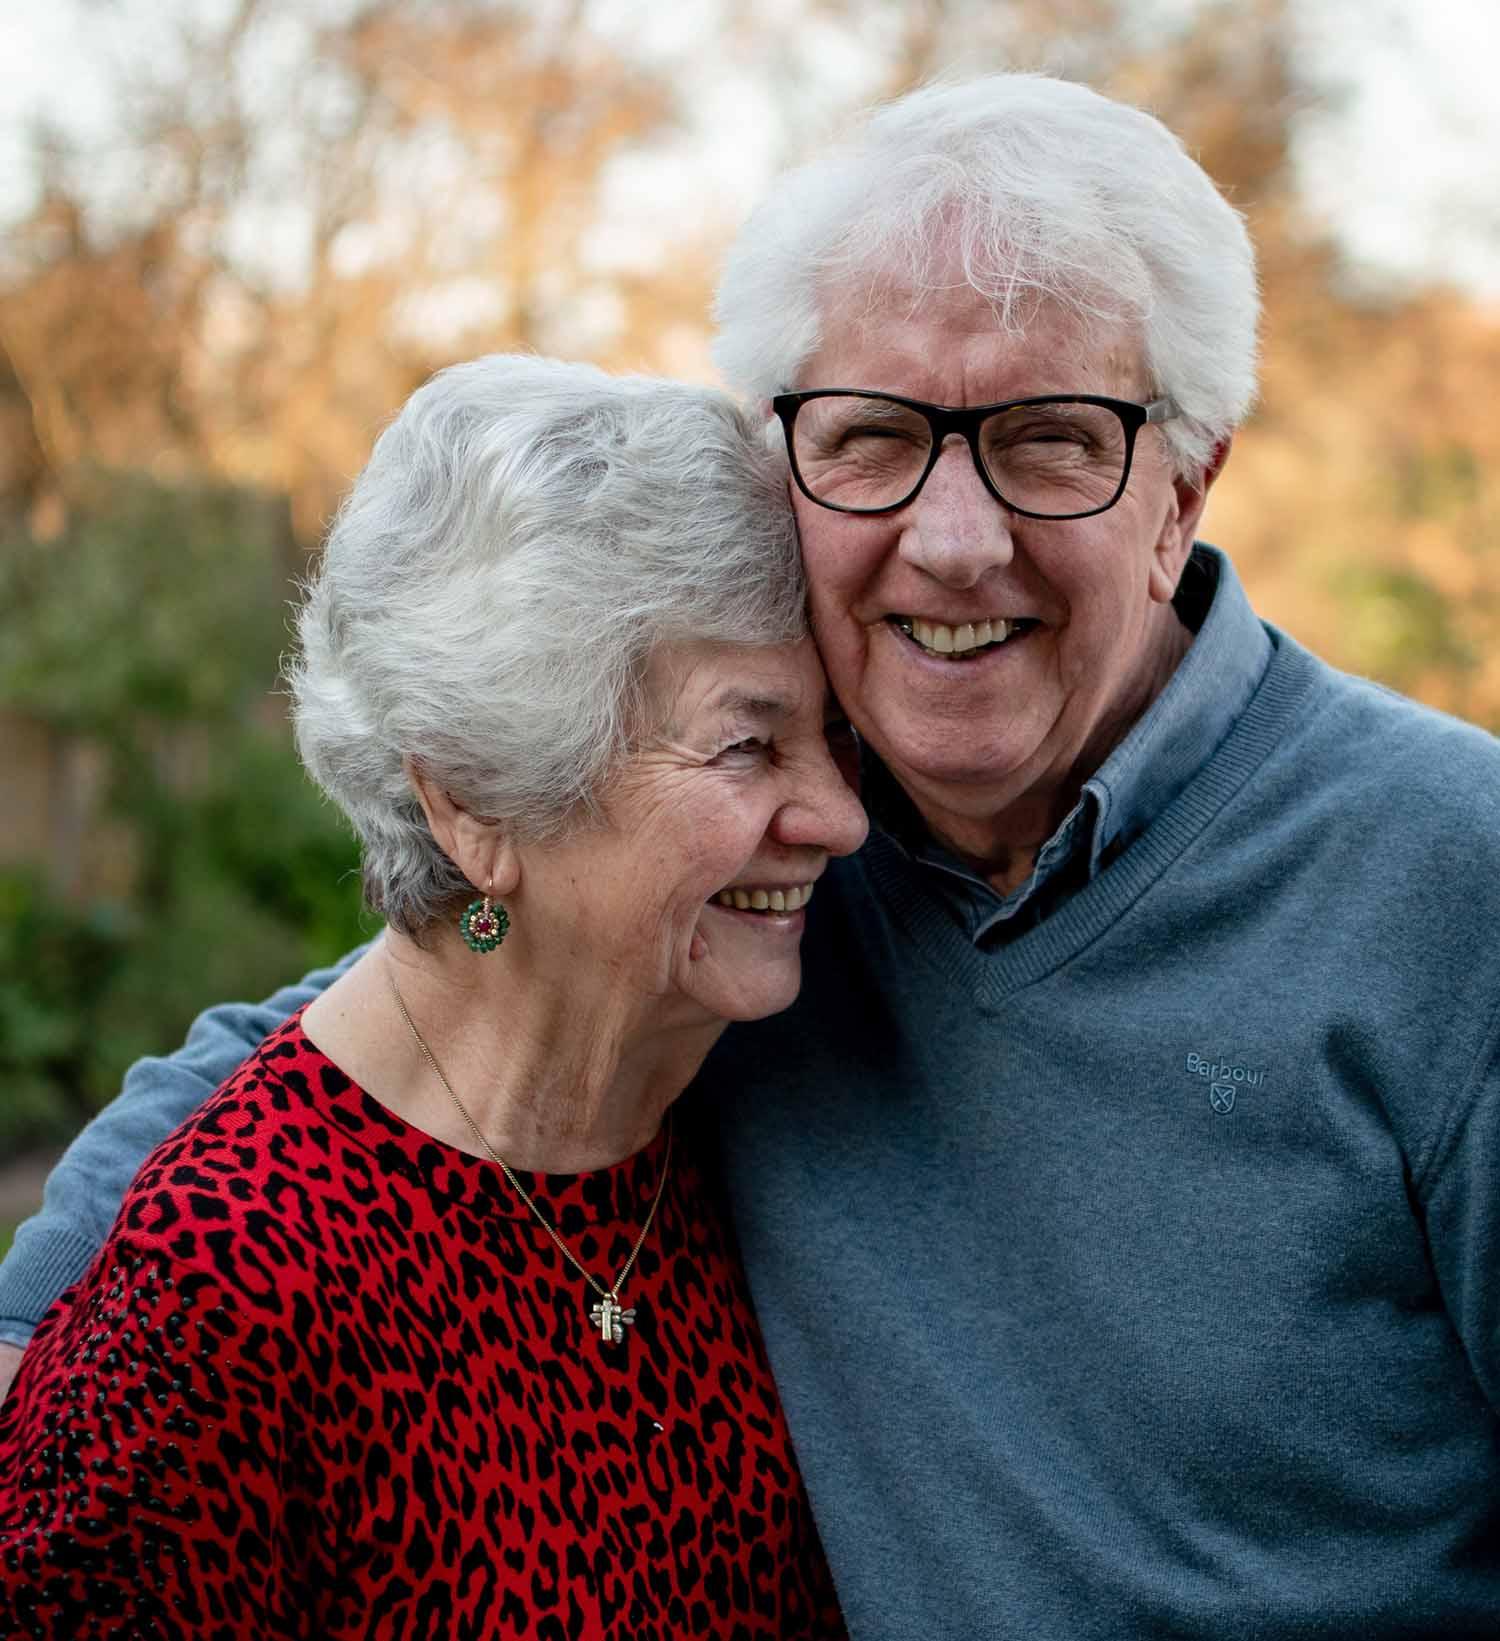 ¿Qué pasa en nuestra boca cuando envejecemos?